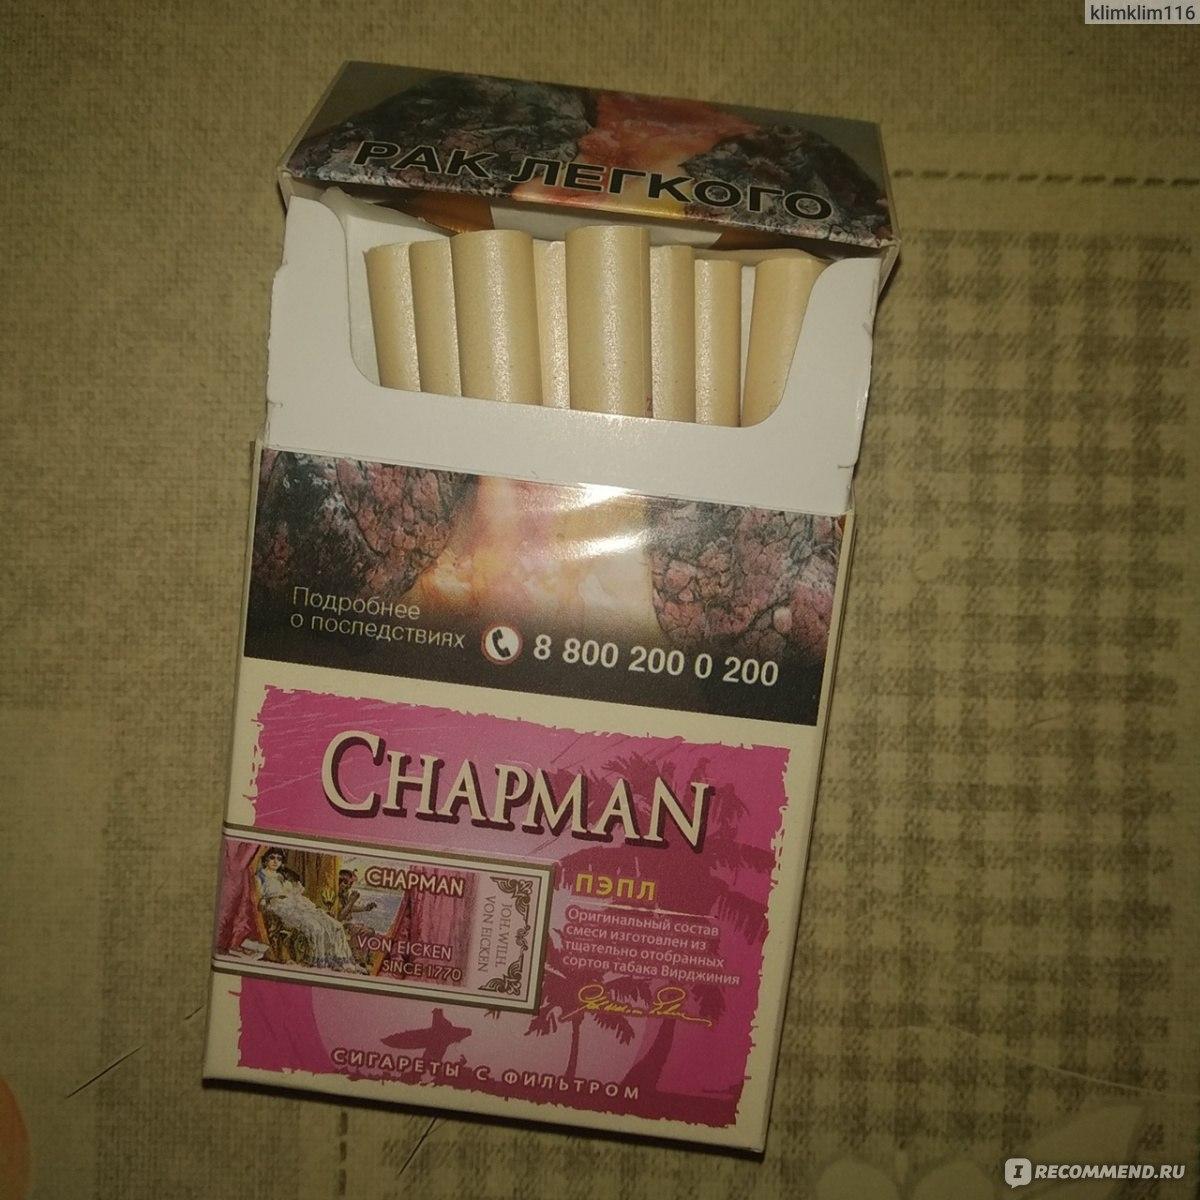 В каких магазинах можно купить сигареты чапман электронная сигарета купить в славянске